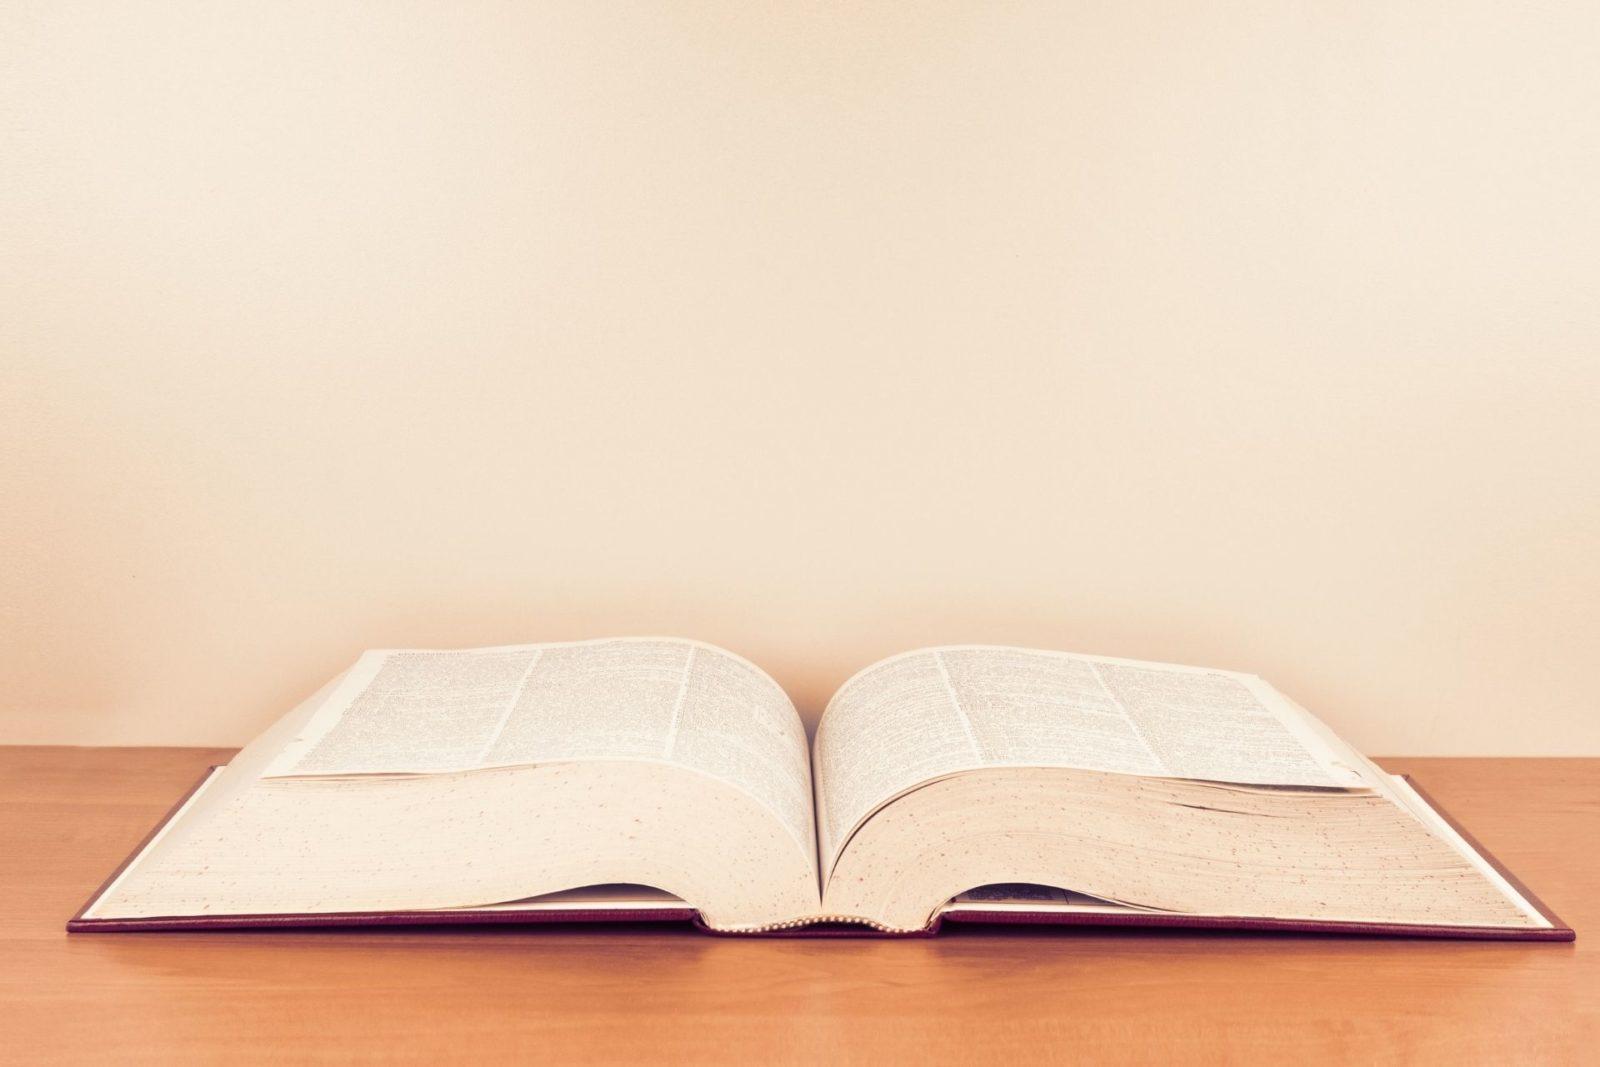 dicionario aberto significado de precatorio precato